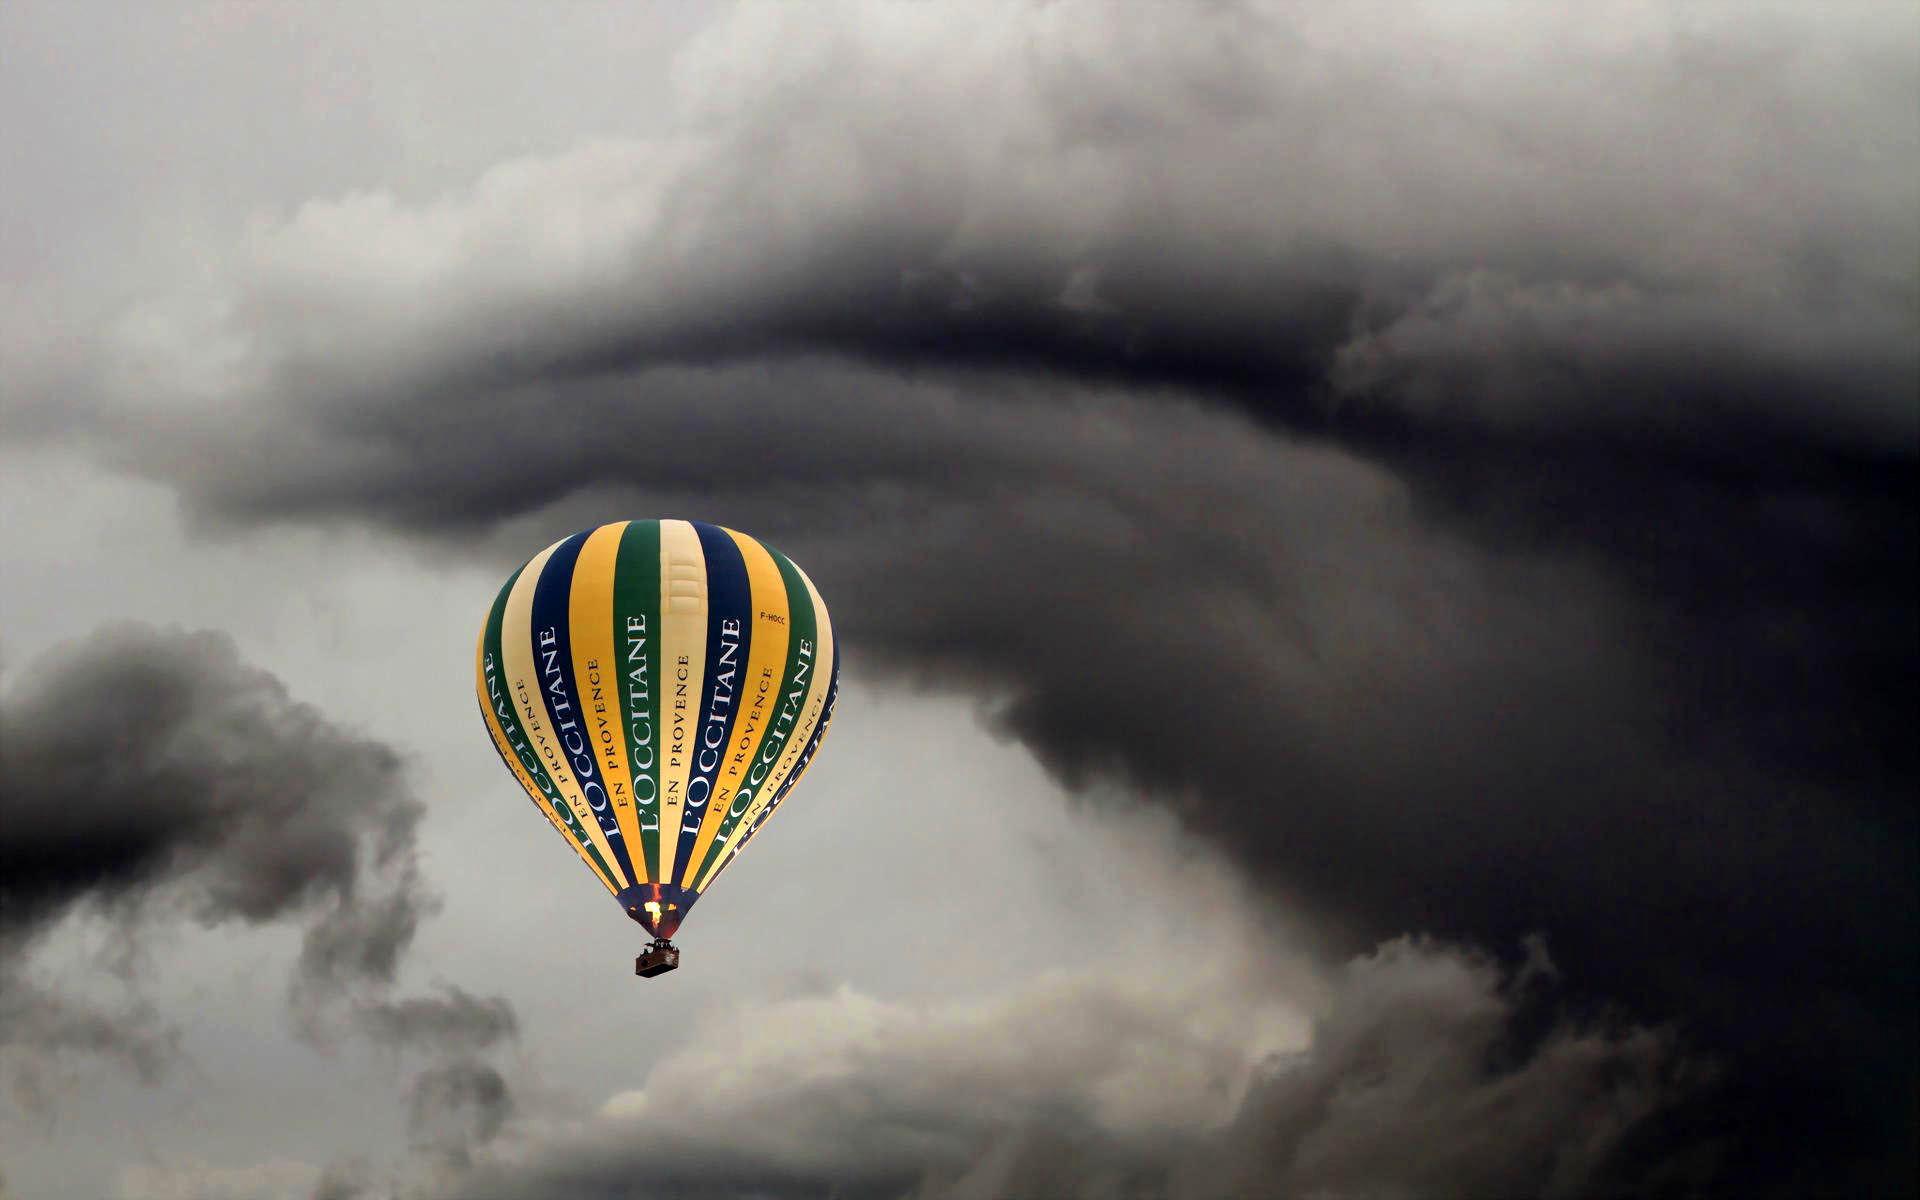 шары небо balls the sky  № 1008064 загрузить